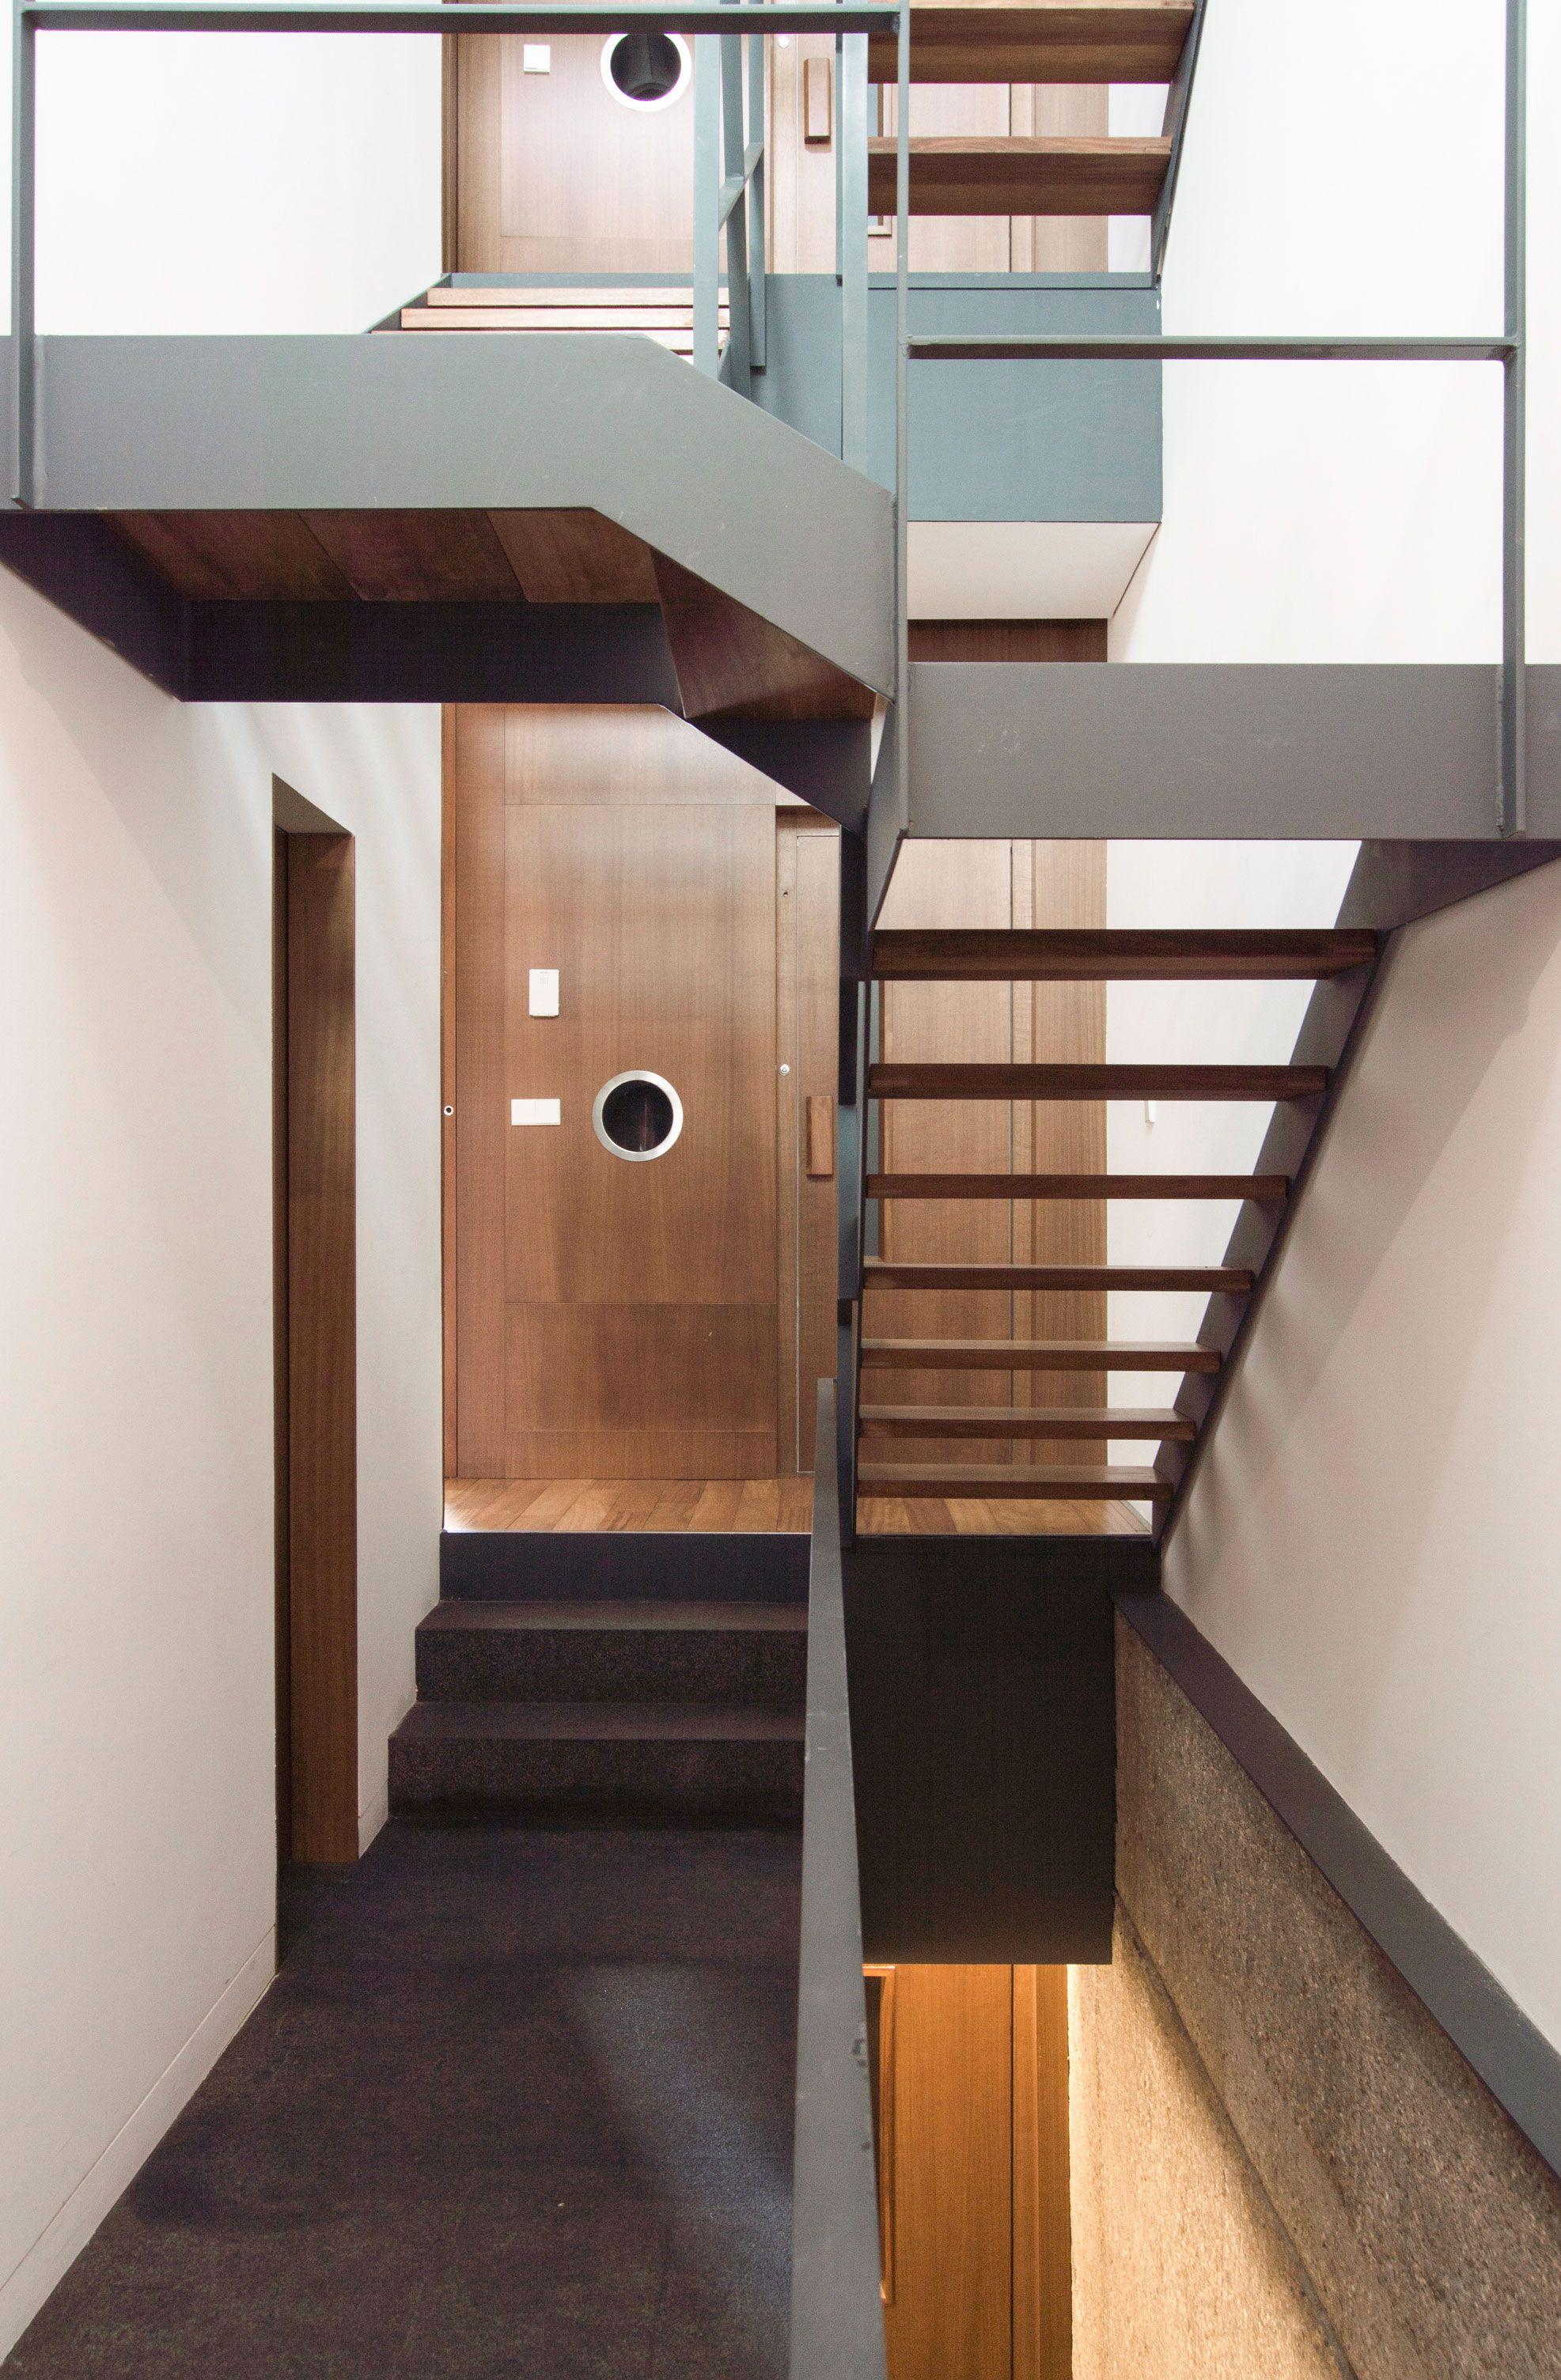 Vivienda en BVentas - Alberich-Rodriguez Arquitectos  MadridStaircases IndustrialStairsChangeCenter